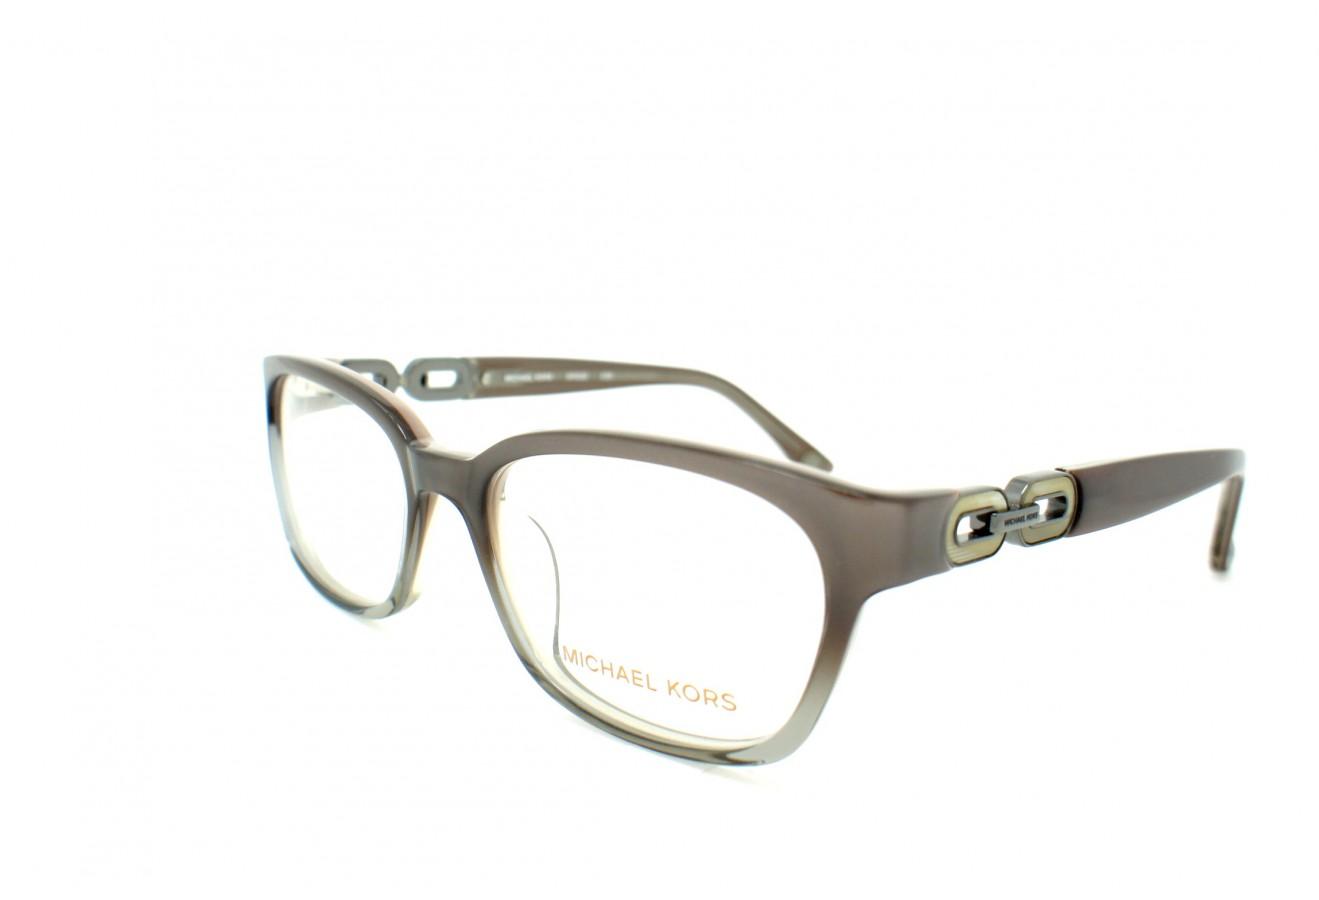 lunettes de vue mk 869 039 51 17. Black Bedroom Furniture Sets. Home Design Ideas